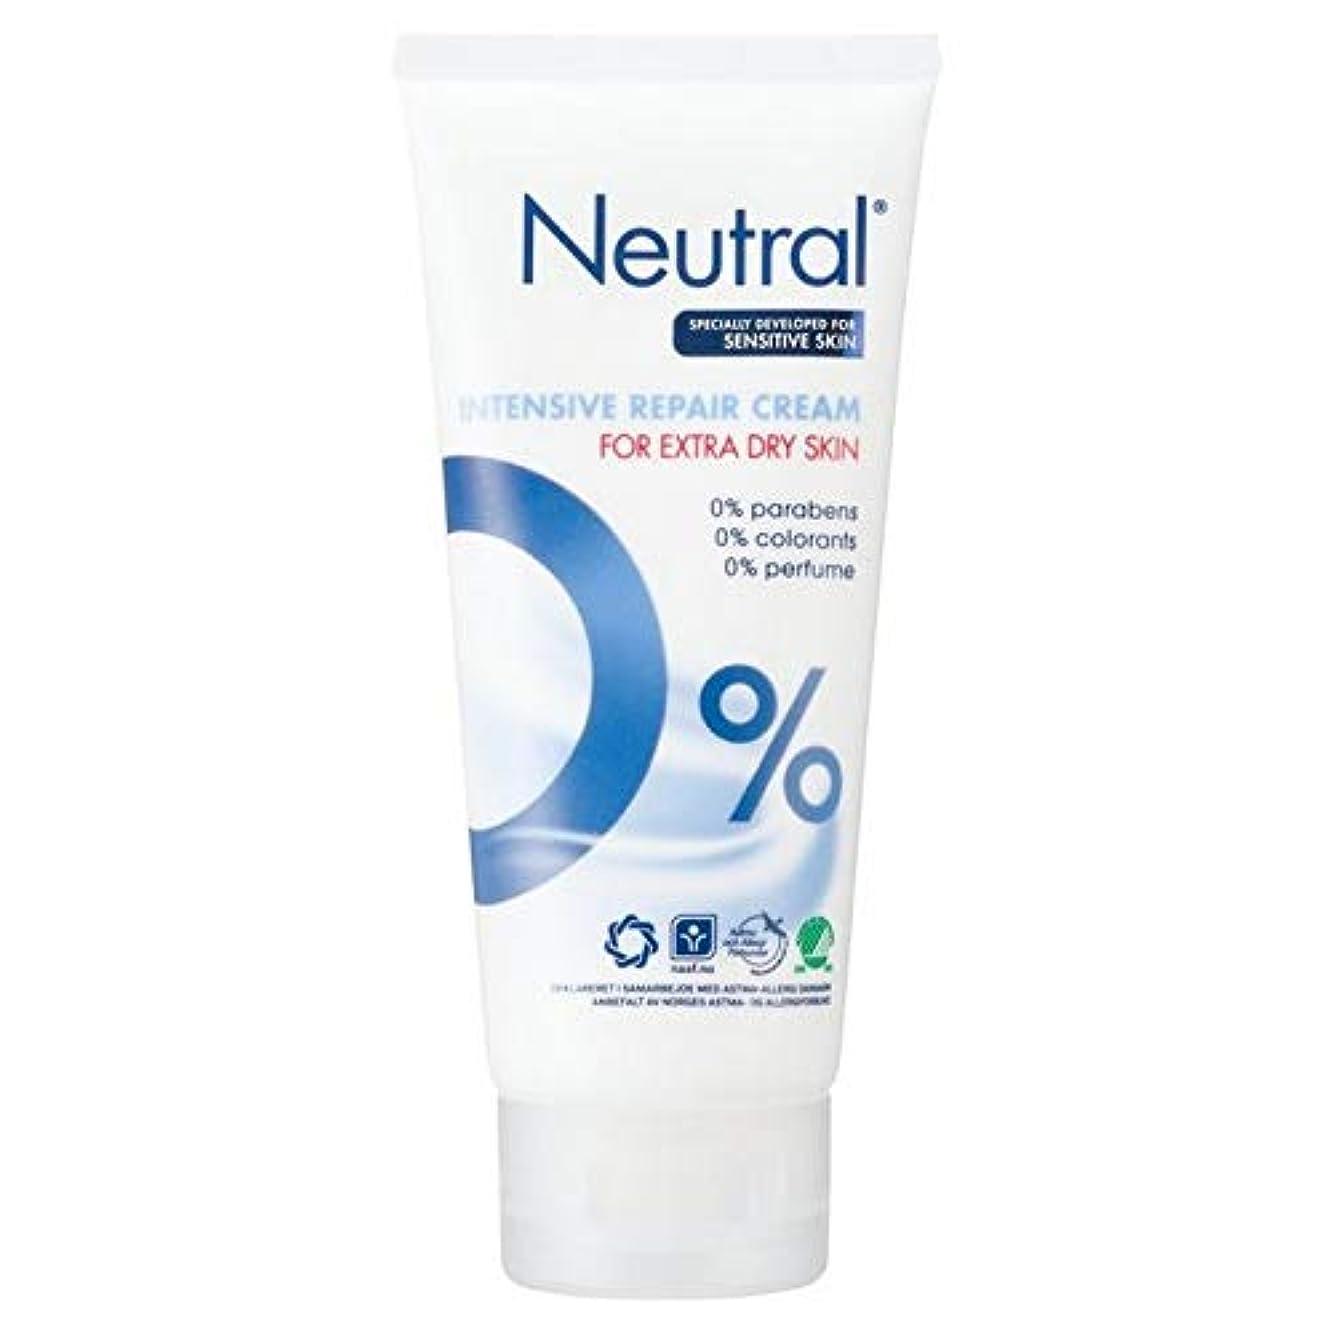 行くそれる純粋に[Neutral ] ニュートラル0%の集中リペアクリーム100ミリリットル - Neutral 0% Intensive Repair Cream 100ml [並行輸入品]